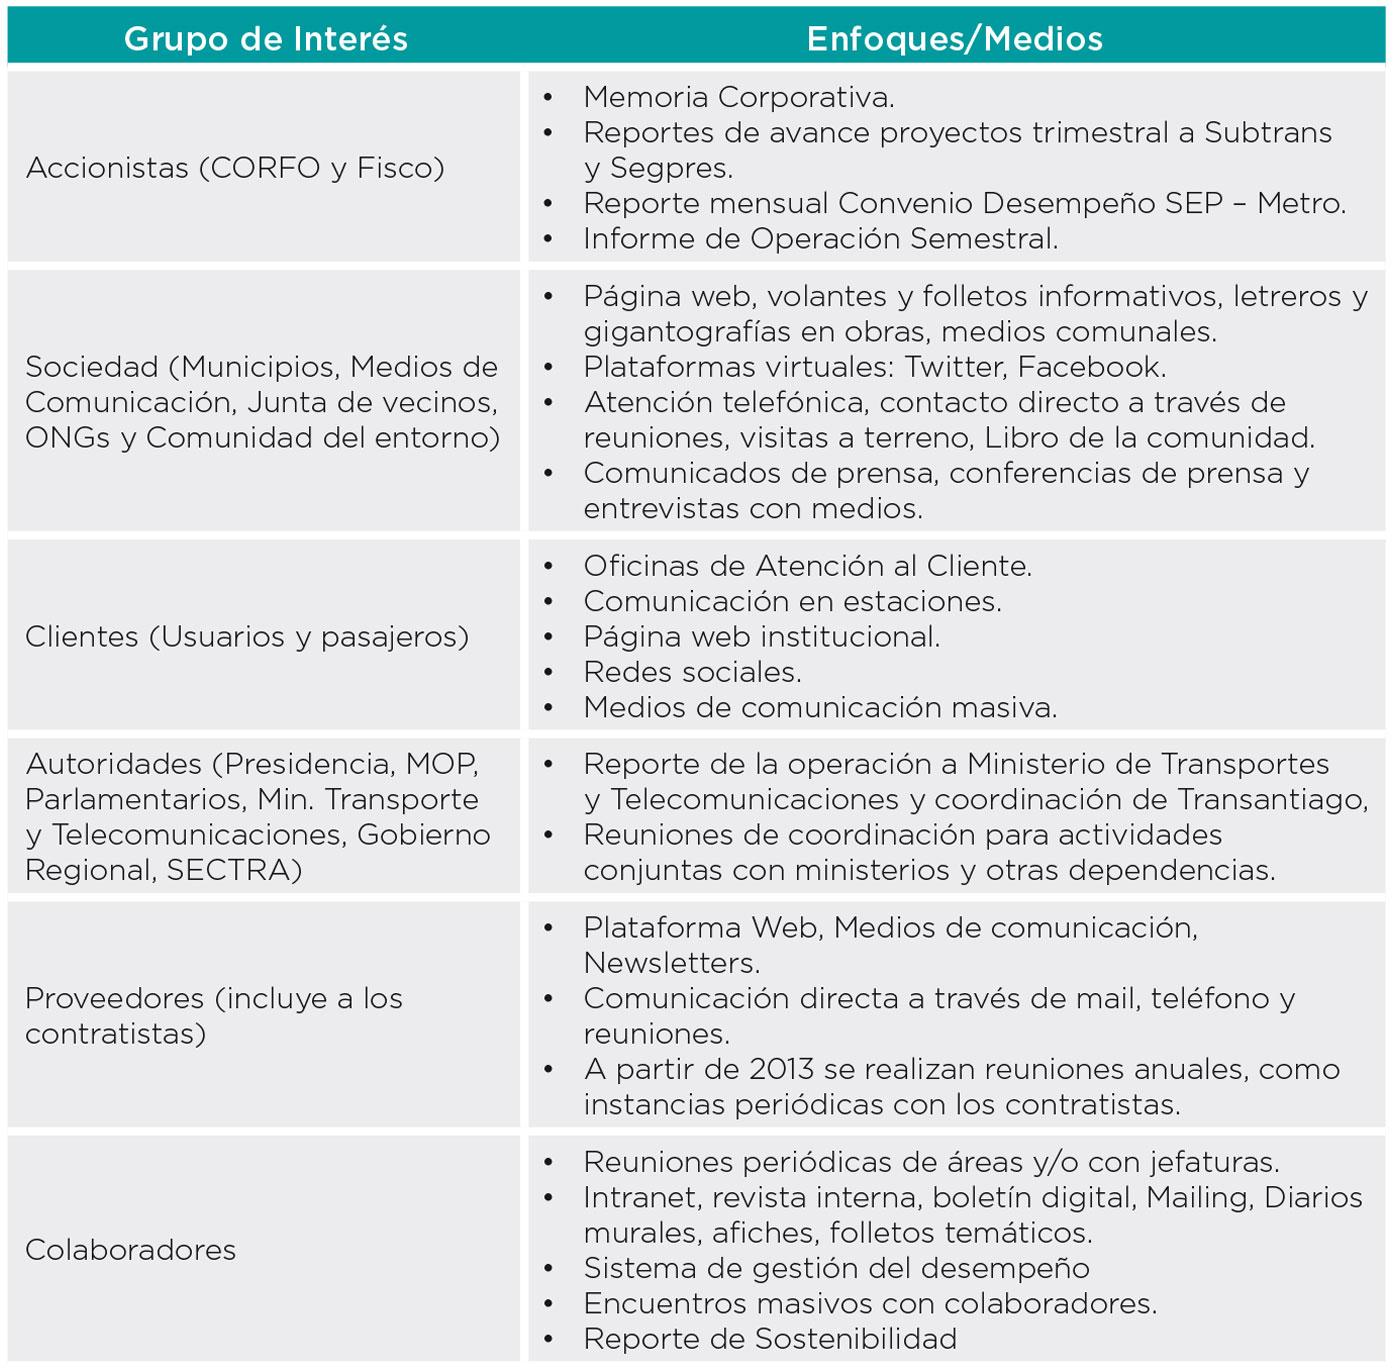 Metro de Santiago - Reporte de Sostenibilidad 2013